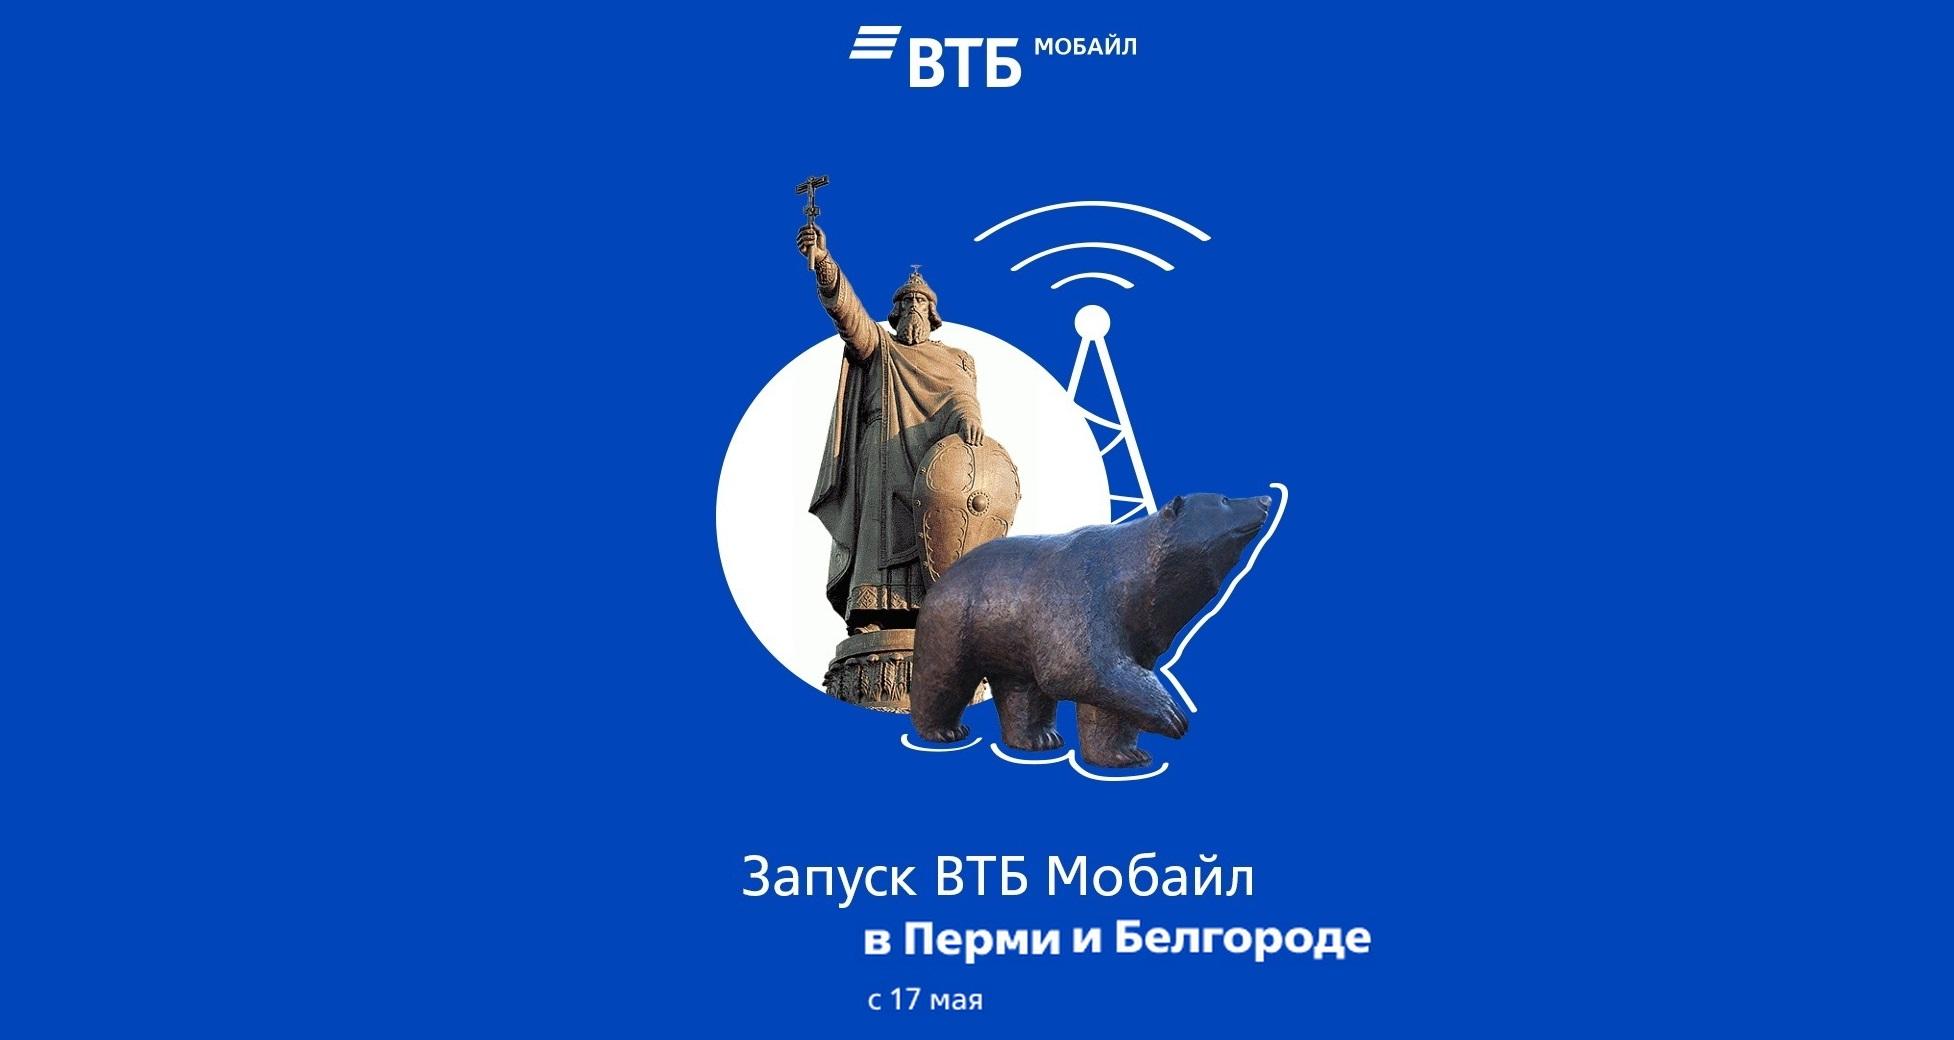 ВТБ Мобайл запустил сеть в Белгороде и Перми 1